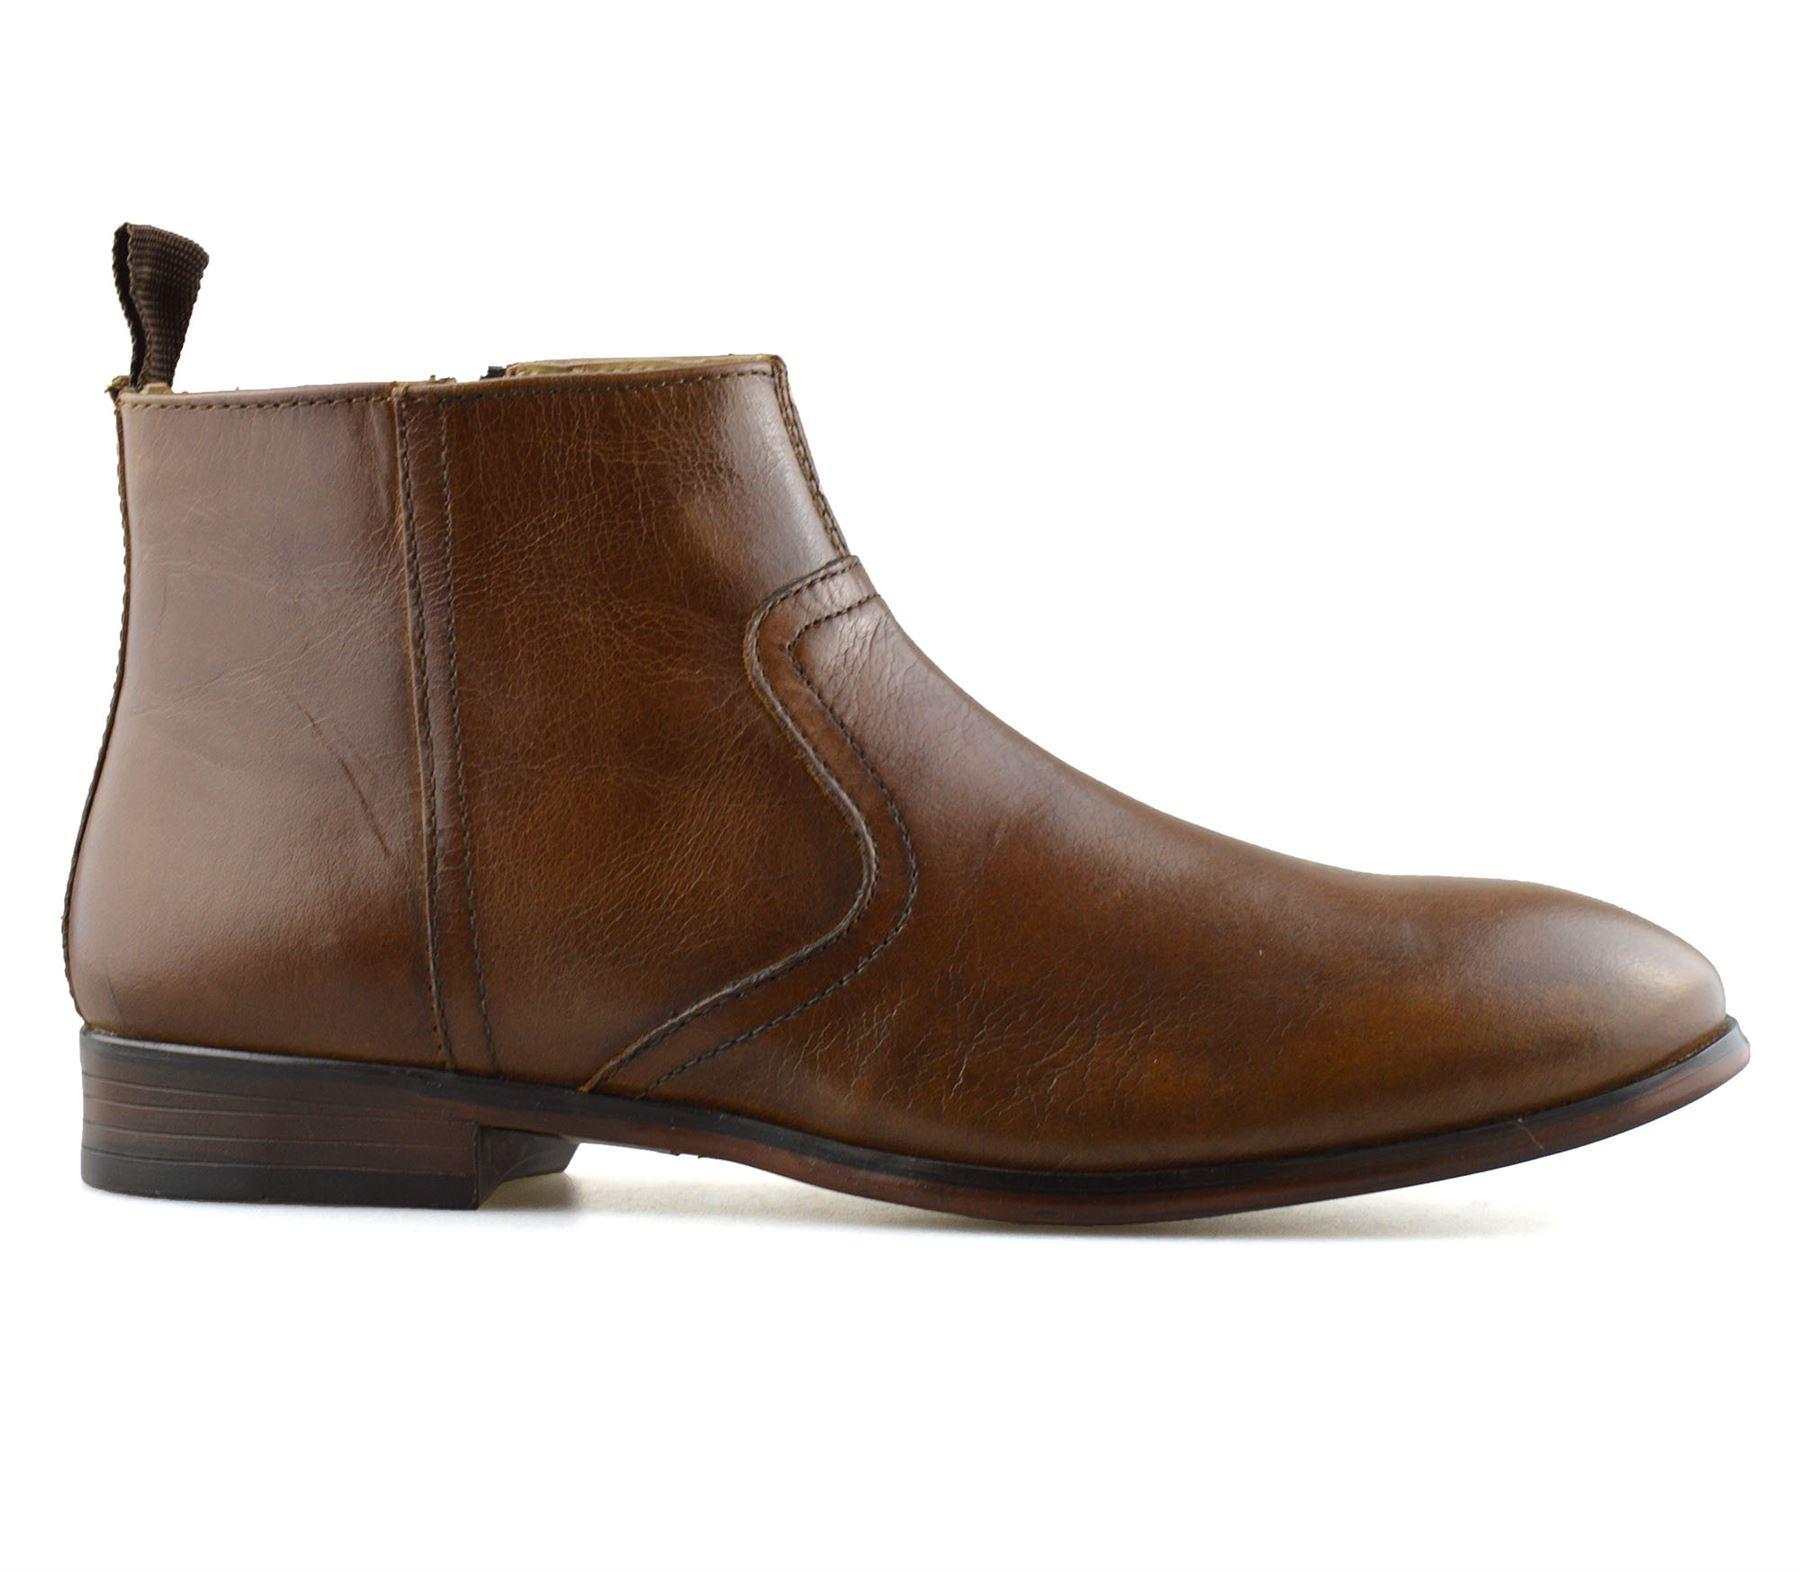 Hombre-Nuevo-Cuero-Cremallera-Formal-Smart-Trabajo-Distribuidor-Chelsea-Botas-al-Tobillo-Zapatos miniatura 18